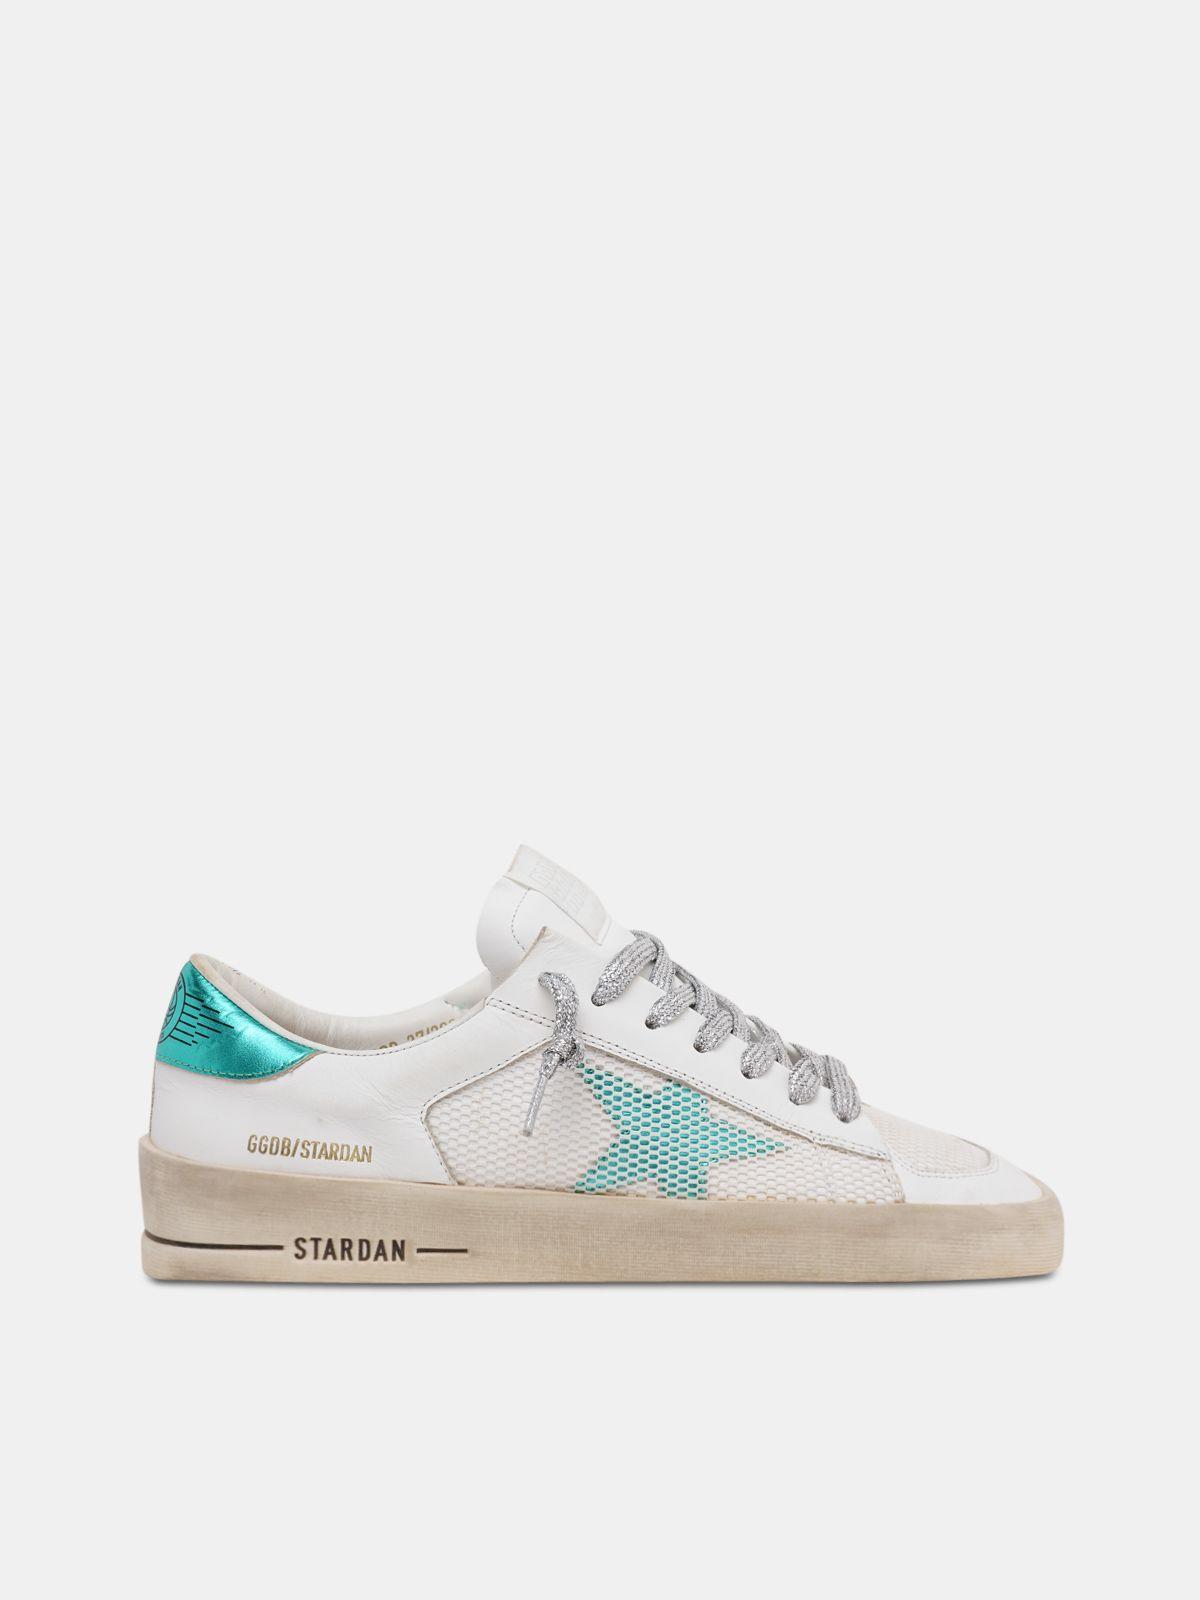 Sneakers Stardan bianche e verde acqua